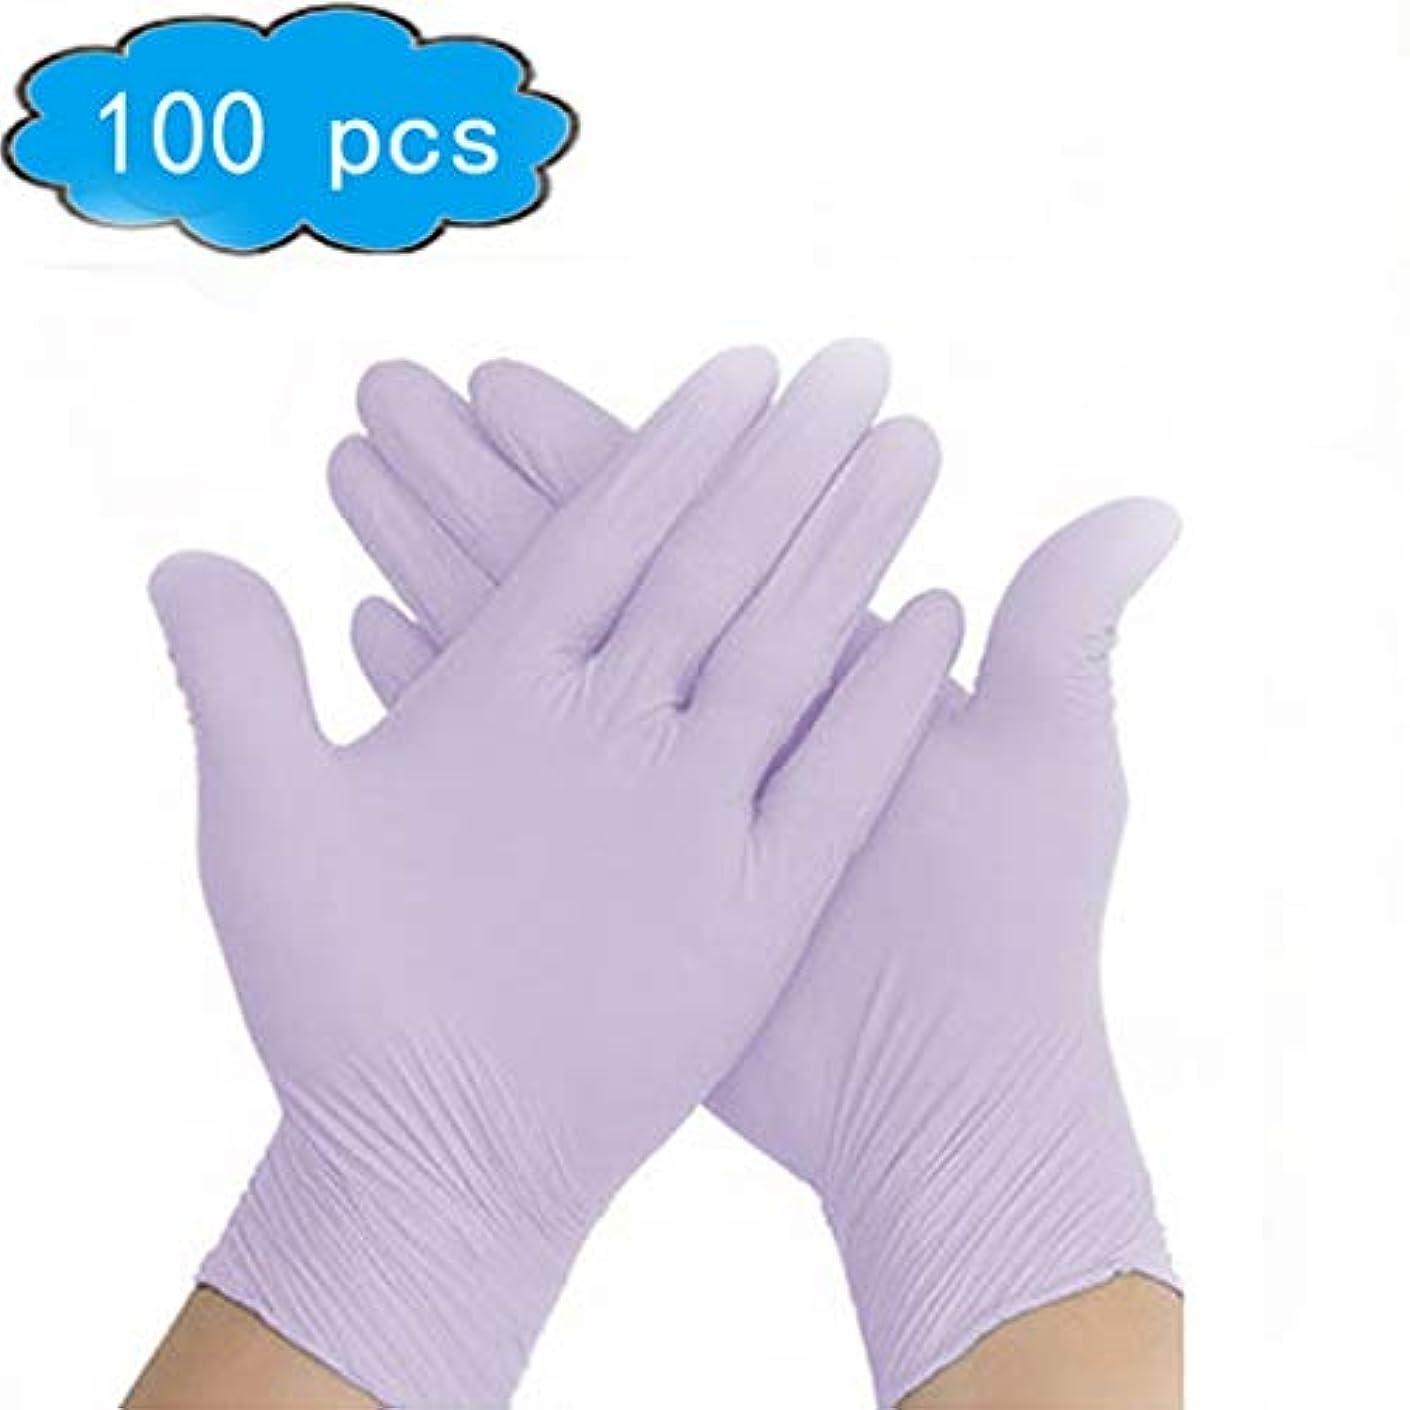 接続面観察ニトリル手袋 - 医療用グレード、パウダーフリー、使い捨て、非滅菌、食品安全、テクスチャード加工、紫色、便利なディスペンサーパッケージ100、中サイズ、サニタリー手袋 (Color : Purple, Size : L)